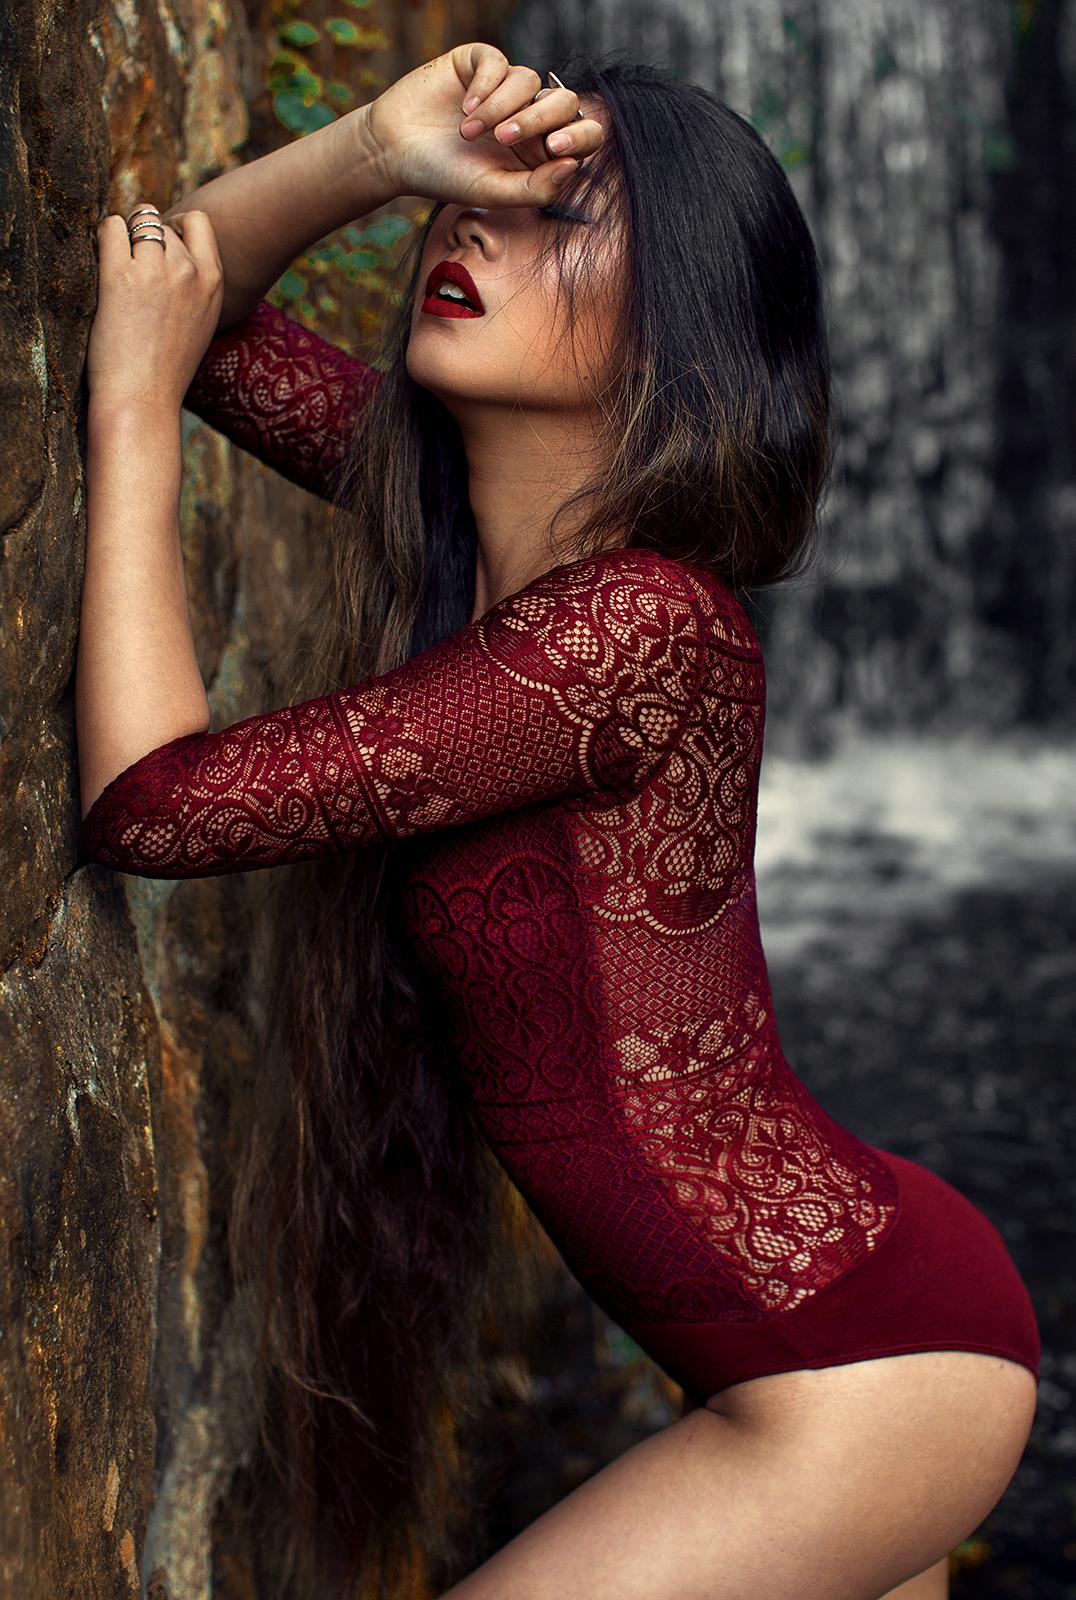 Diana Neege